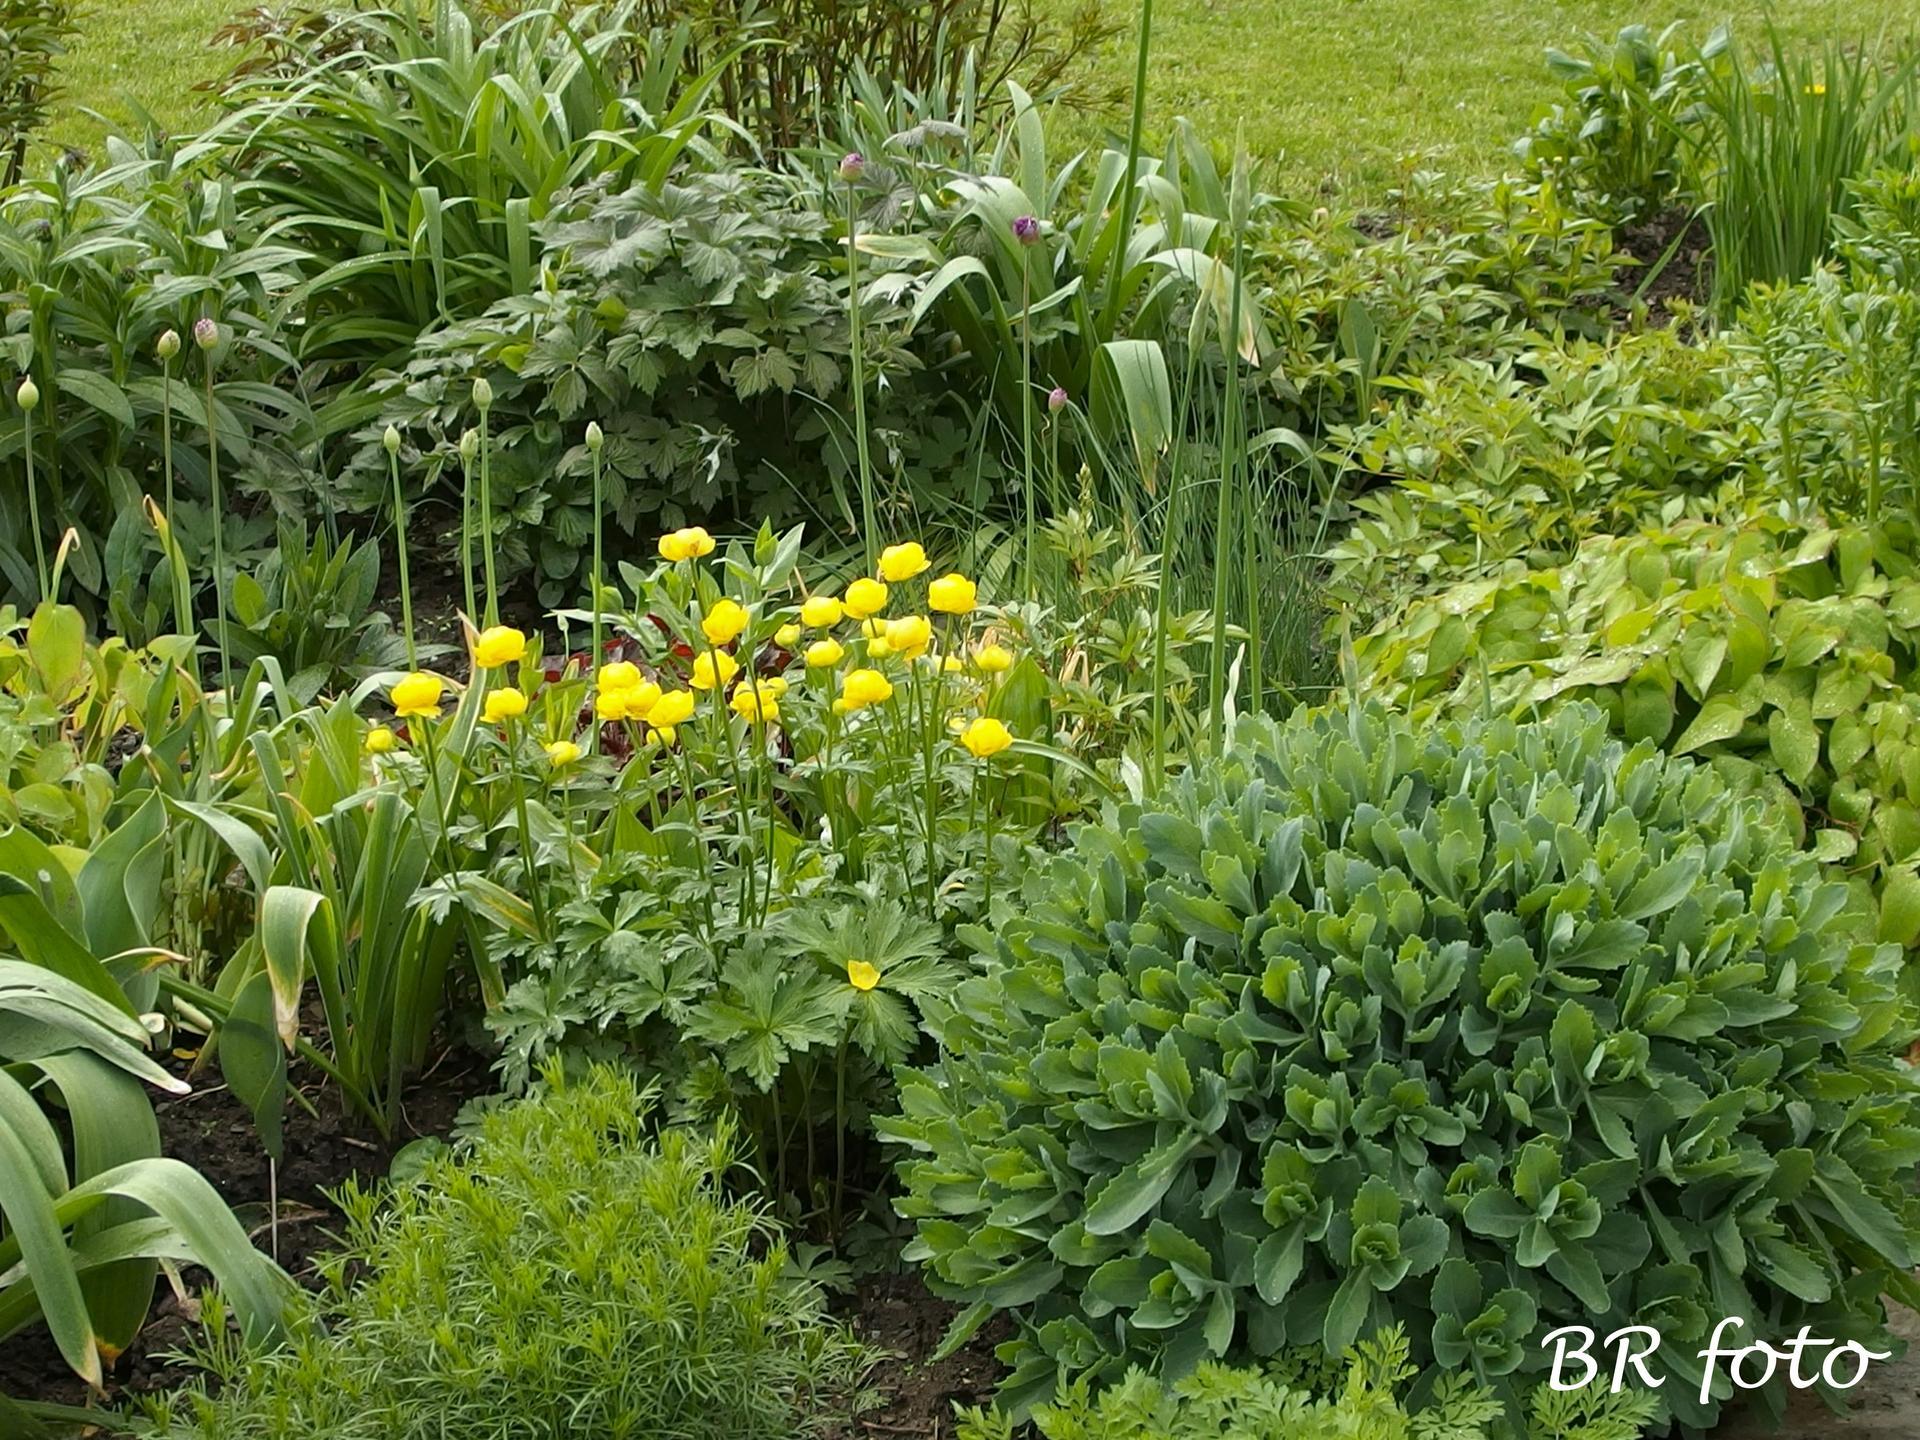 Pozvání do zahrady 2021 - smíšený trvalkový záhon